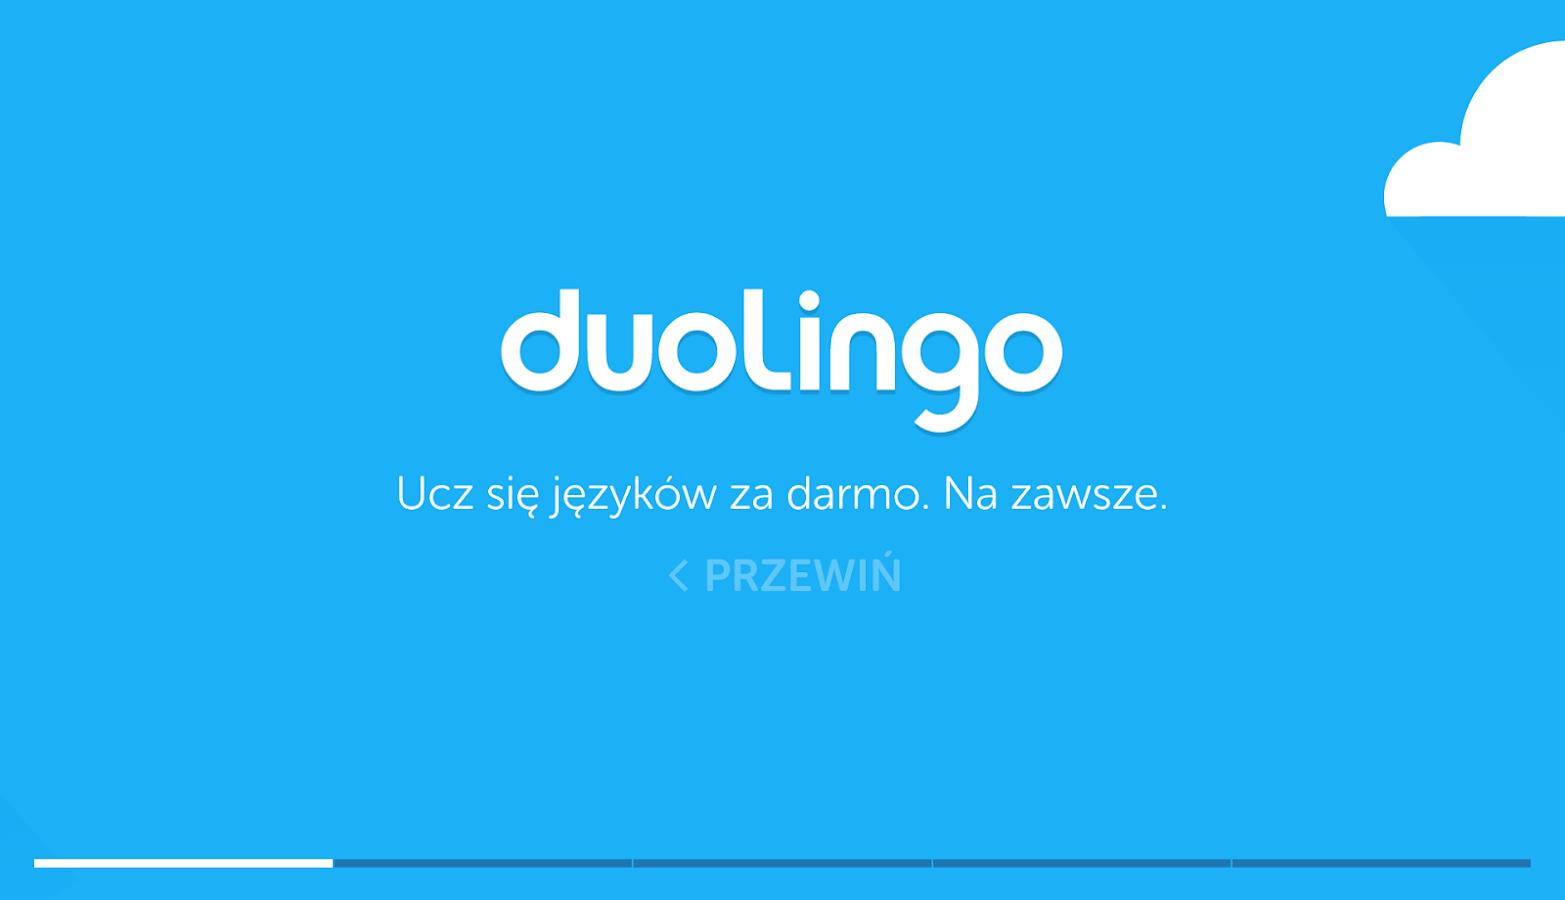 Angielski za darmo z Duolingo – zrzut ekranu